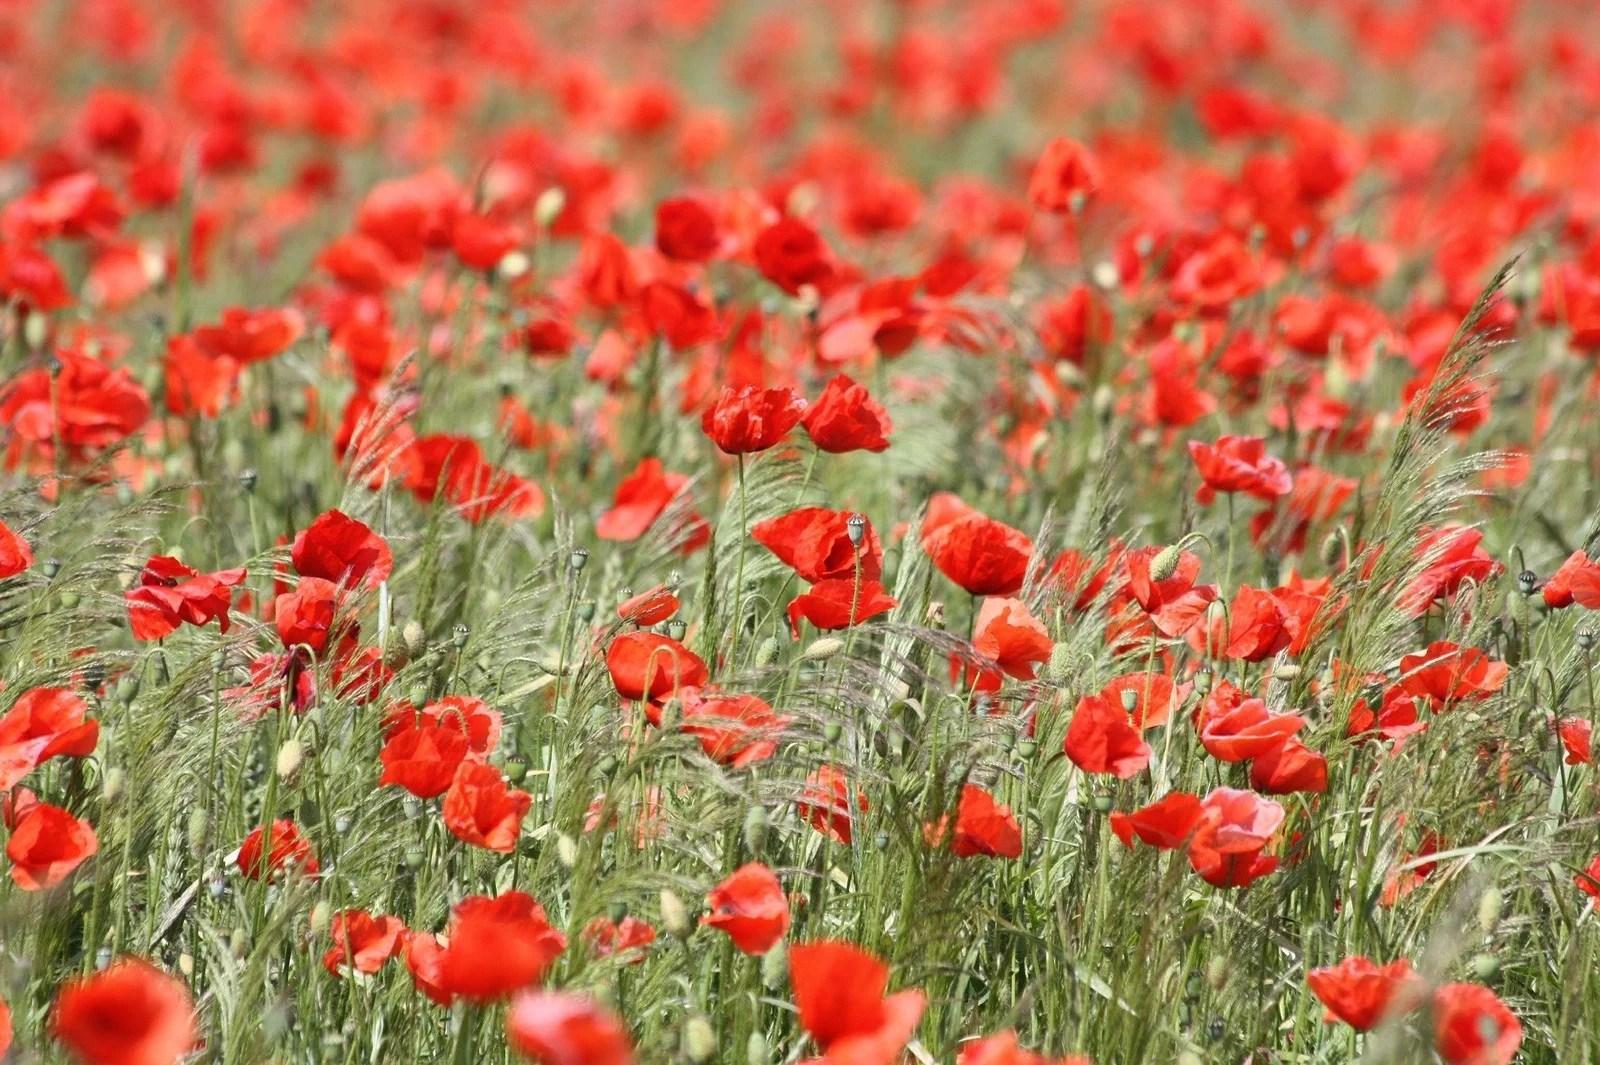 Inspiration pour mon jardin rouge